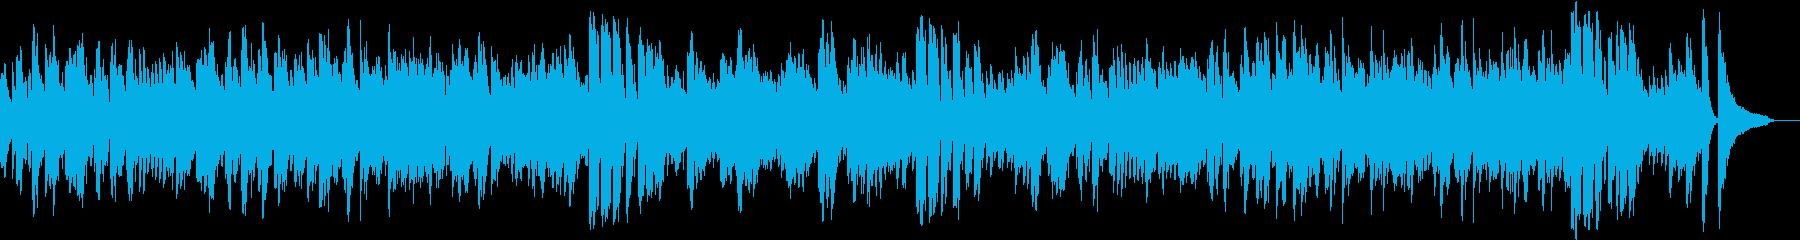 軽快なピアノソロ曲です。の再生済みの波形